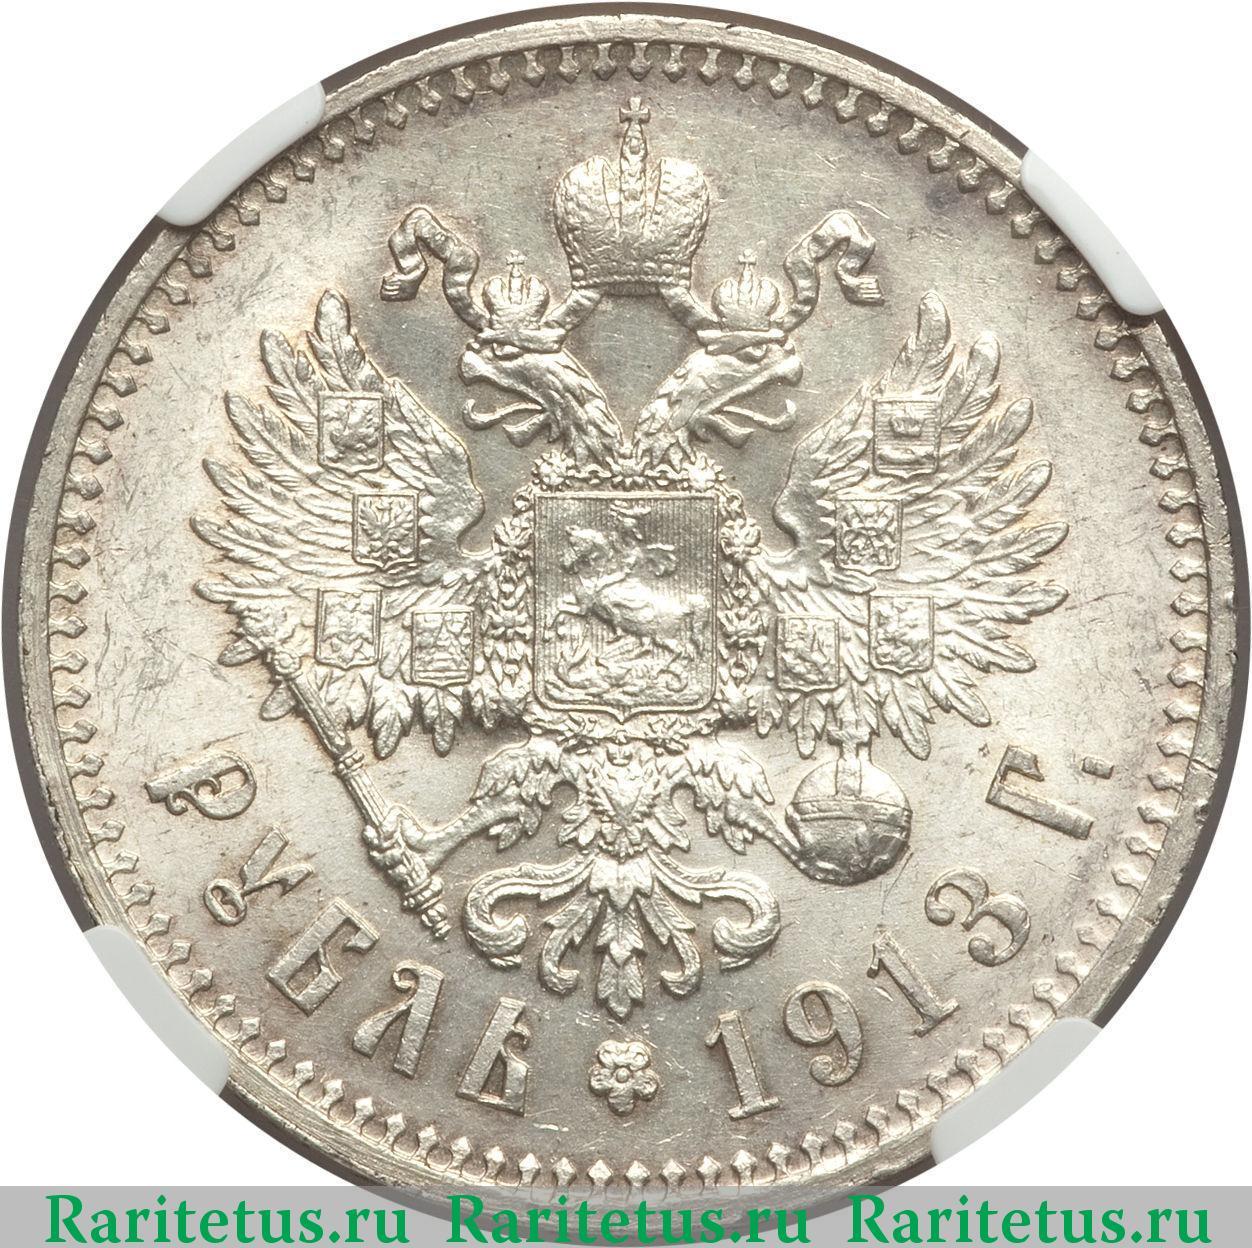 Рубль 1913 года 50 копеек стоимость по годам список